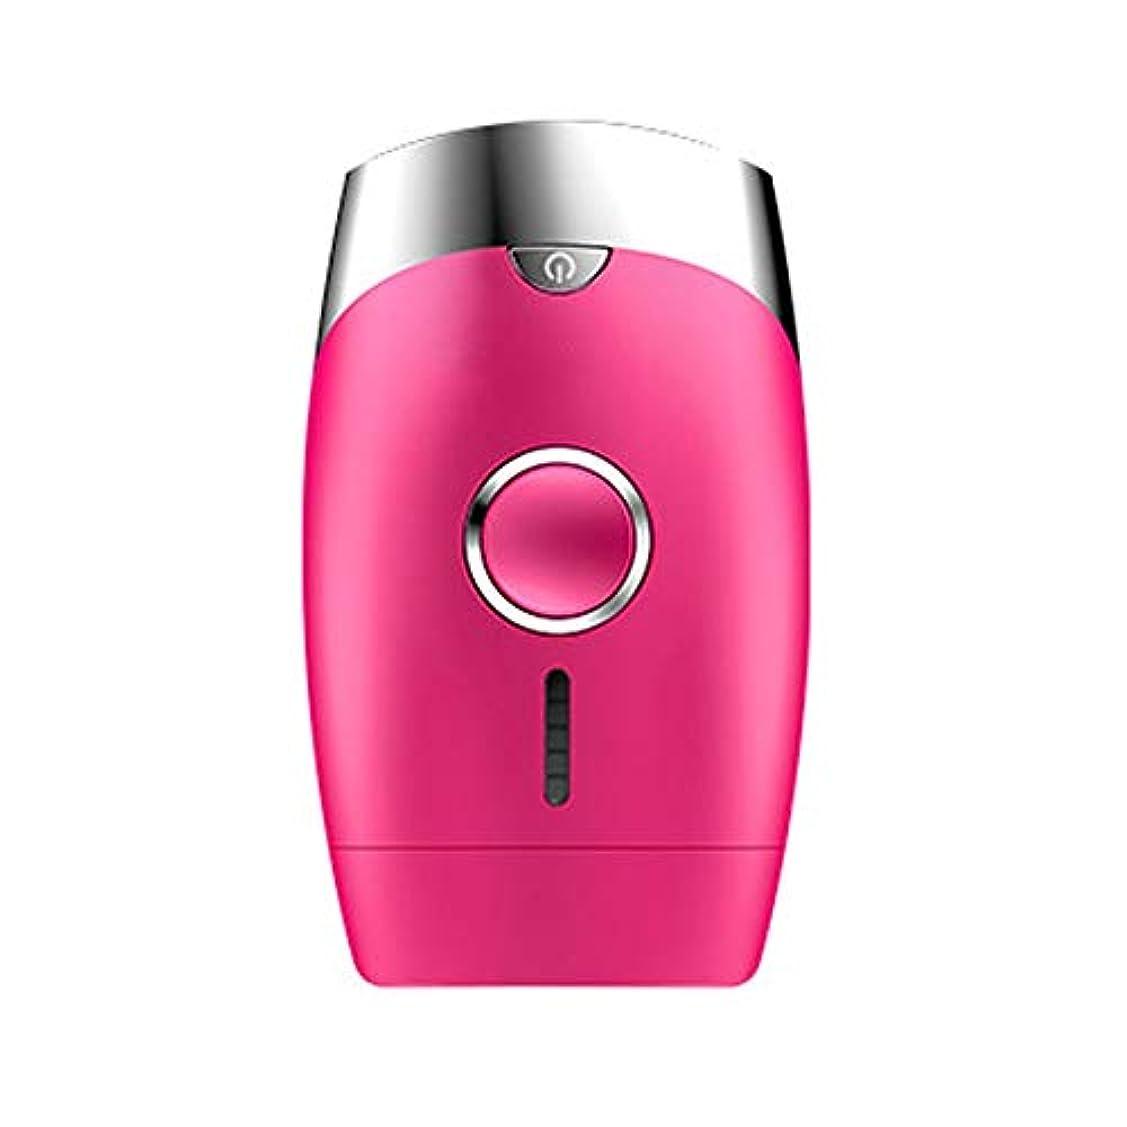 強調するダンプ暫定のNuanxin ピンク、5スピード調整、インテリジェント家庭用痛みのない凝固点ヘアリムーバー、シングルフラッシュ/連続フラッシュ、サイズ13.9 X 8.3 X 4.8 Cm F30 (Color : Pink)